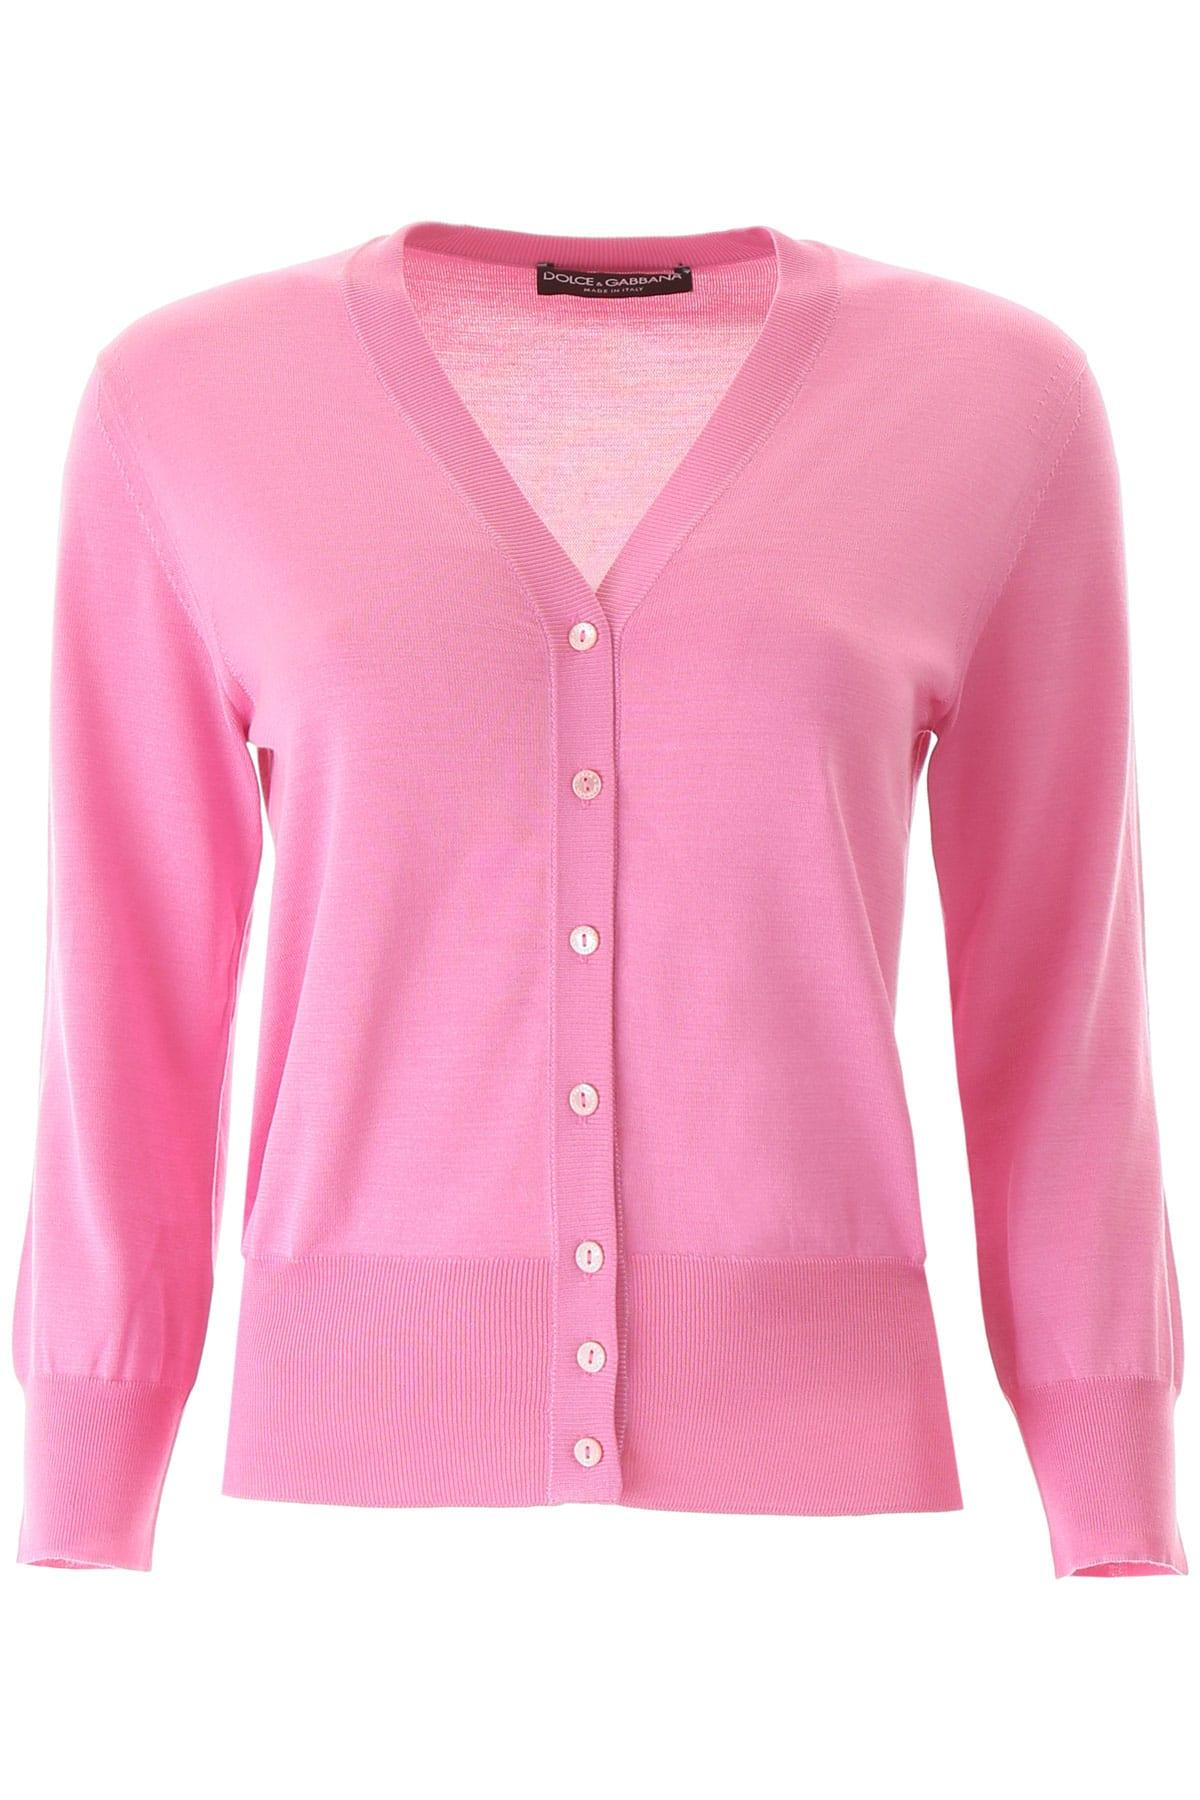 Dolce & Gabbana Silk Buttoned Cardigan